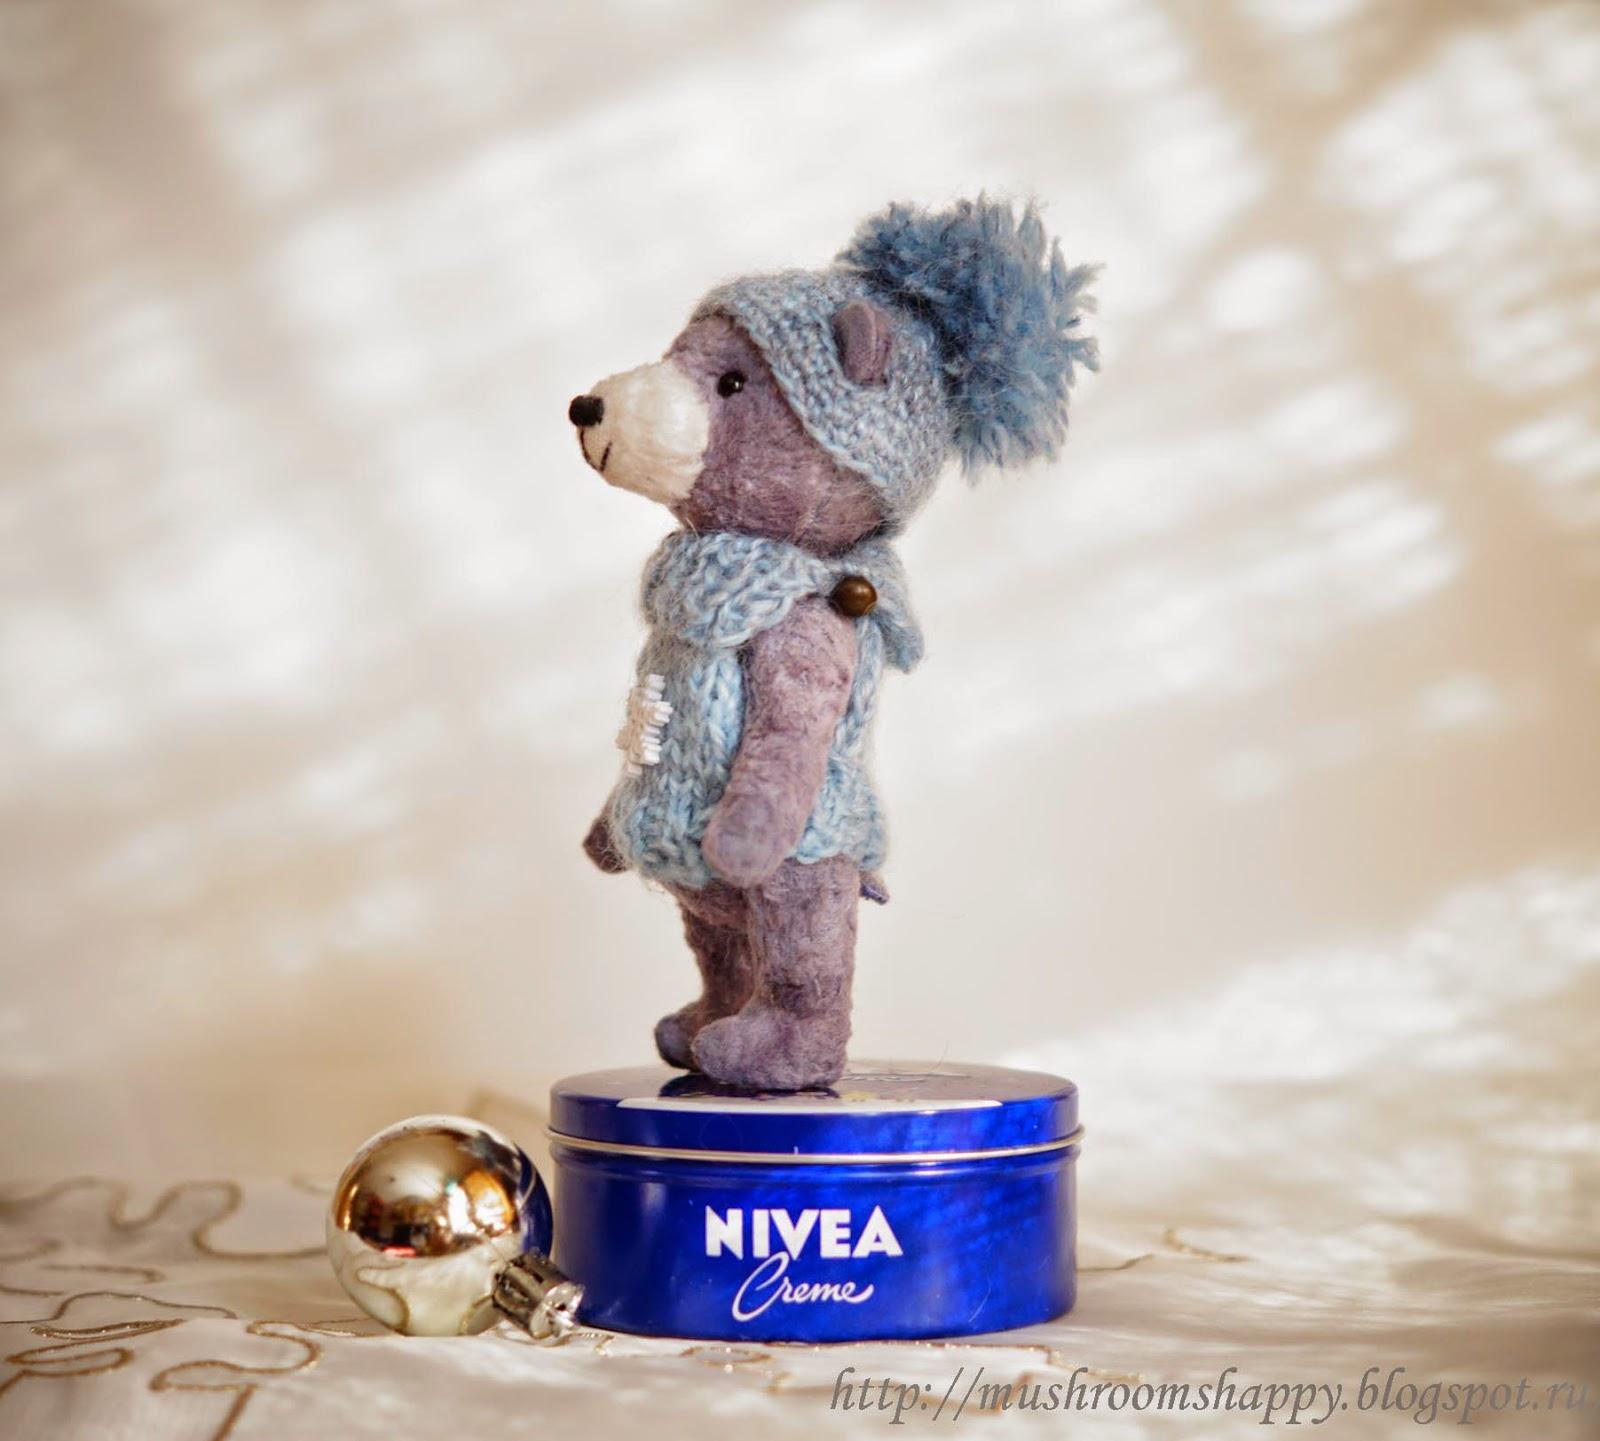 медведь тедди, вязаная шапочка, голубой вязаный свитер